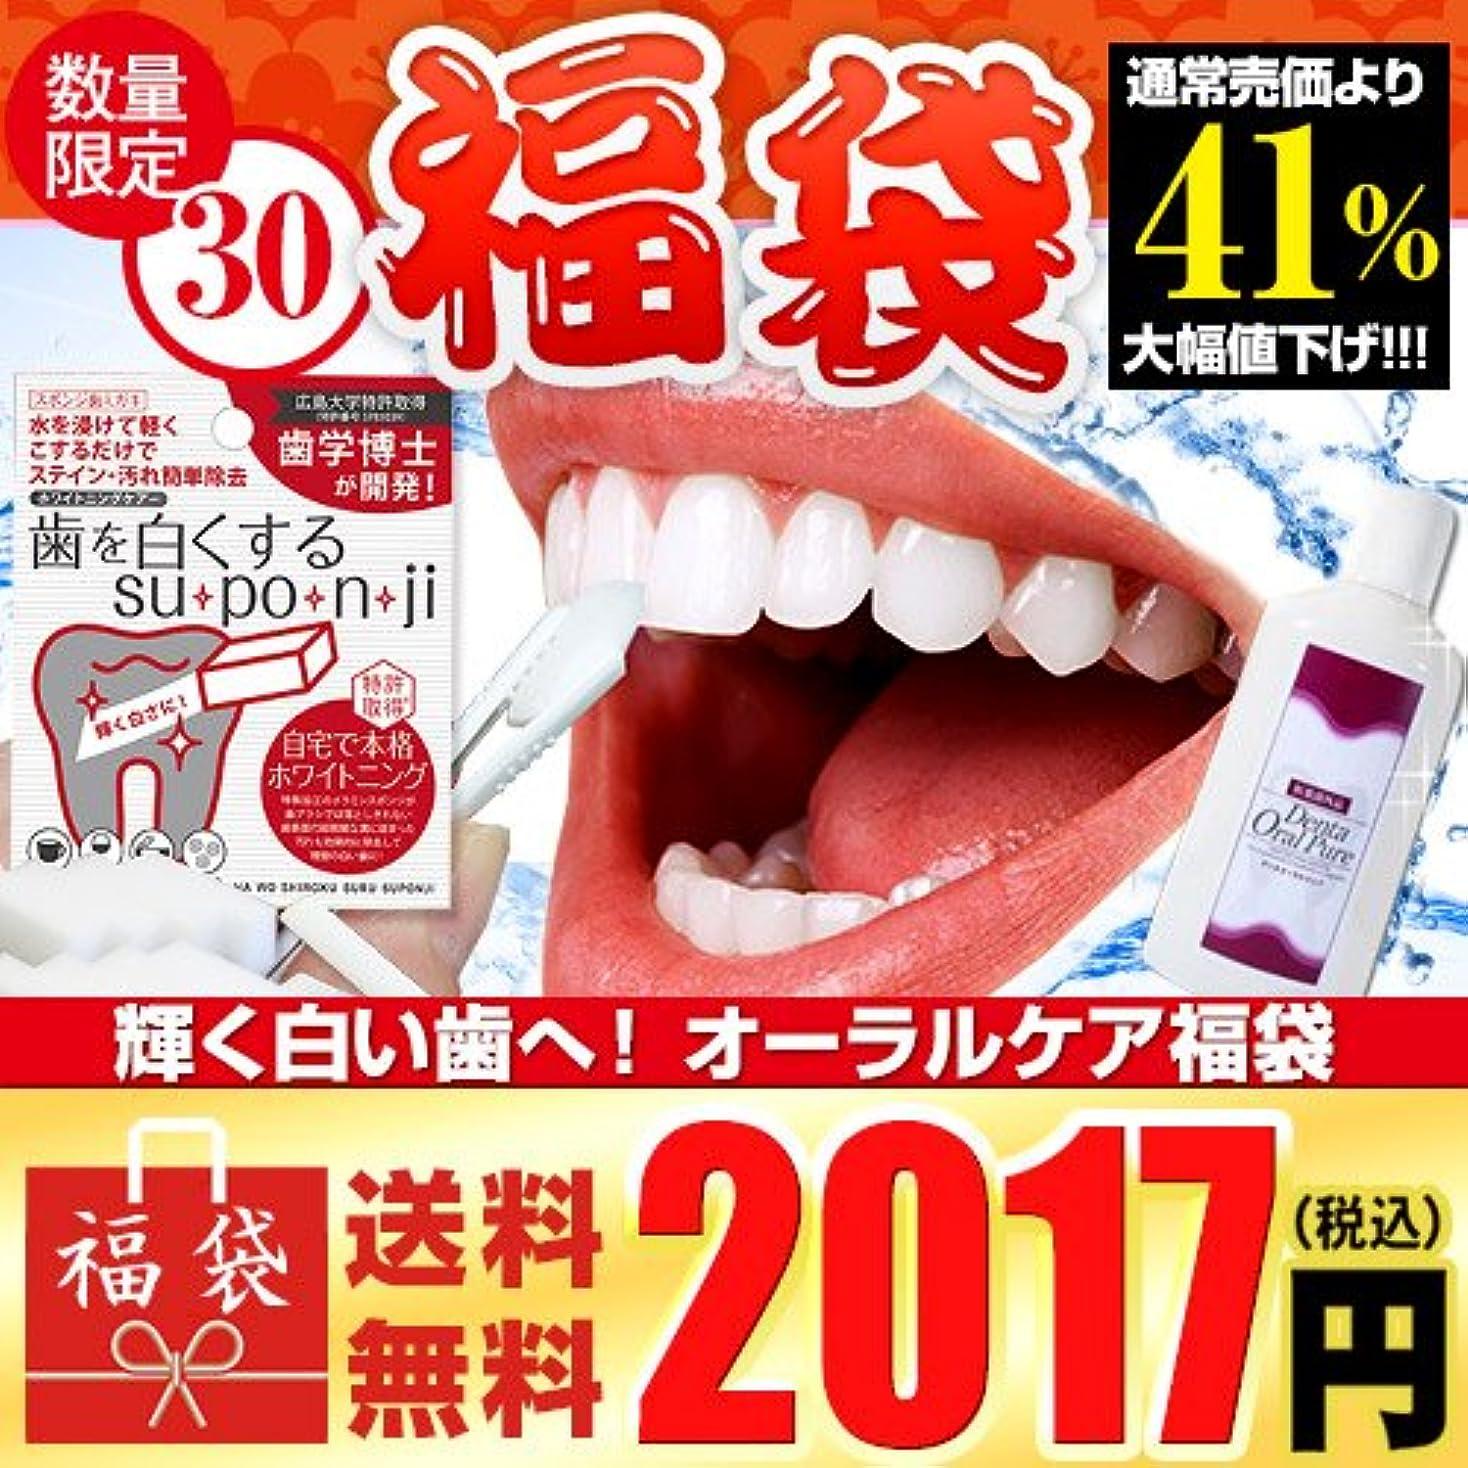 種回路本会議オーラルケア福袋 デンタオーラルピュア 歯を白くするスポンジ